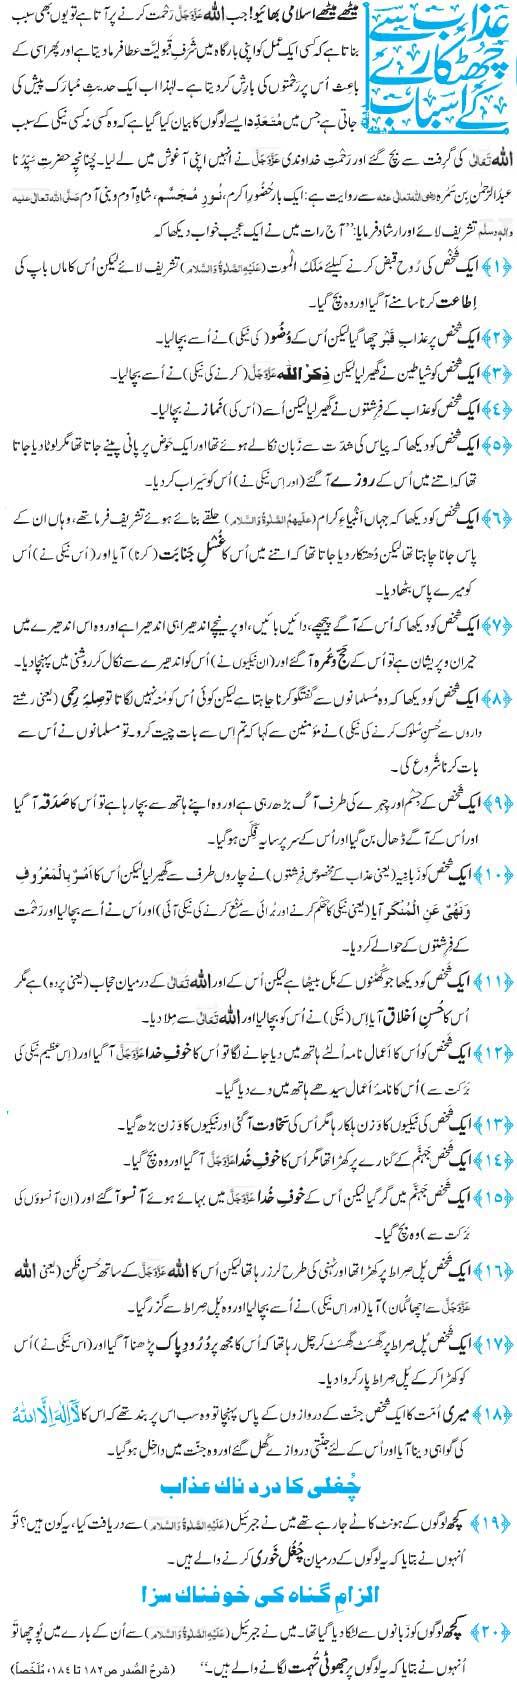 Azab e Ilahi Say chutkaray Kay Asbab